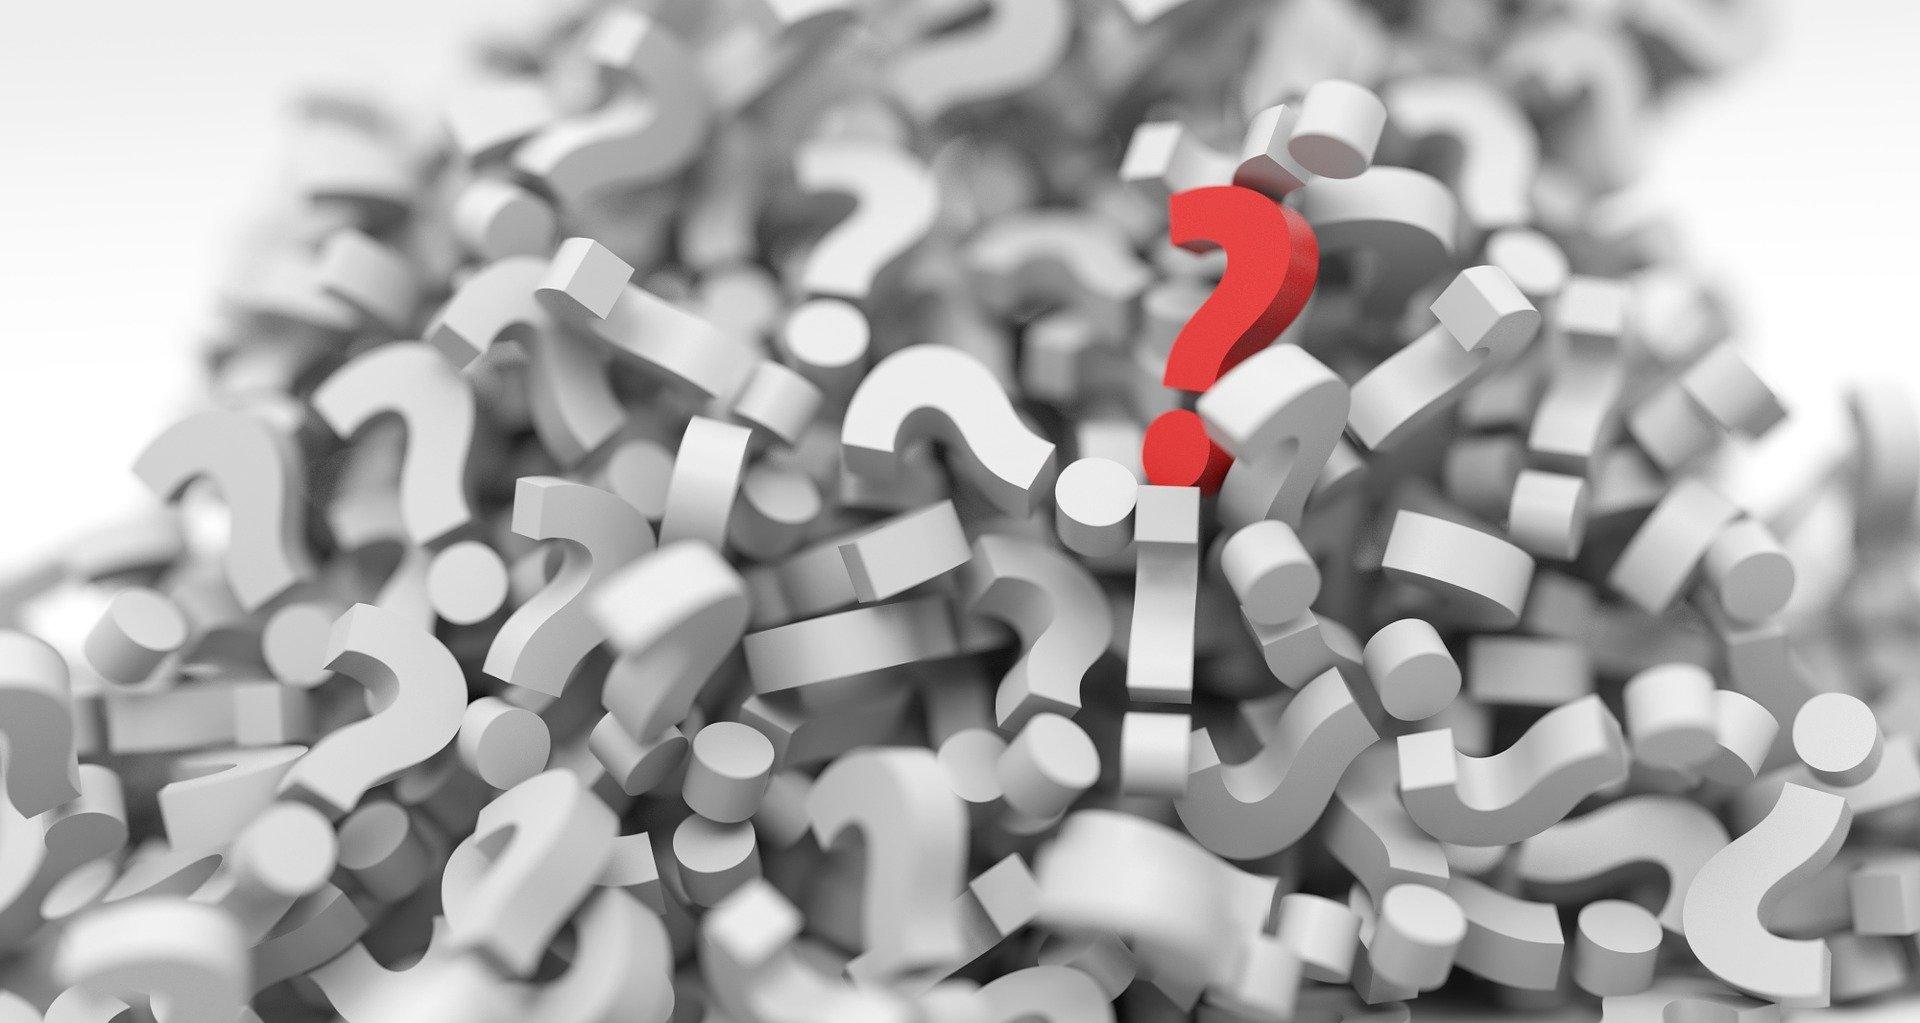 Is careerdigitized.com a Scam? Career Digitized